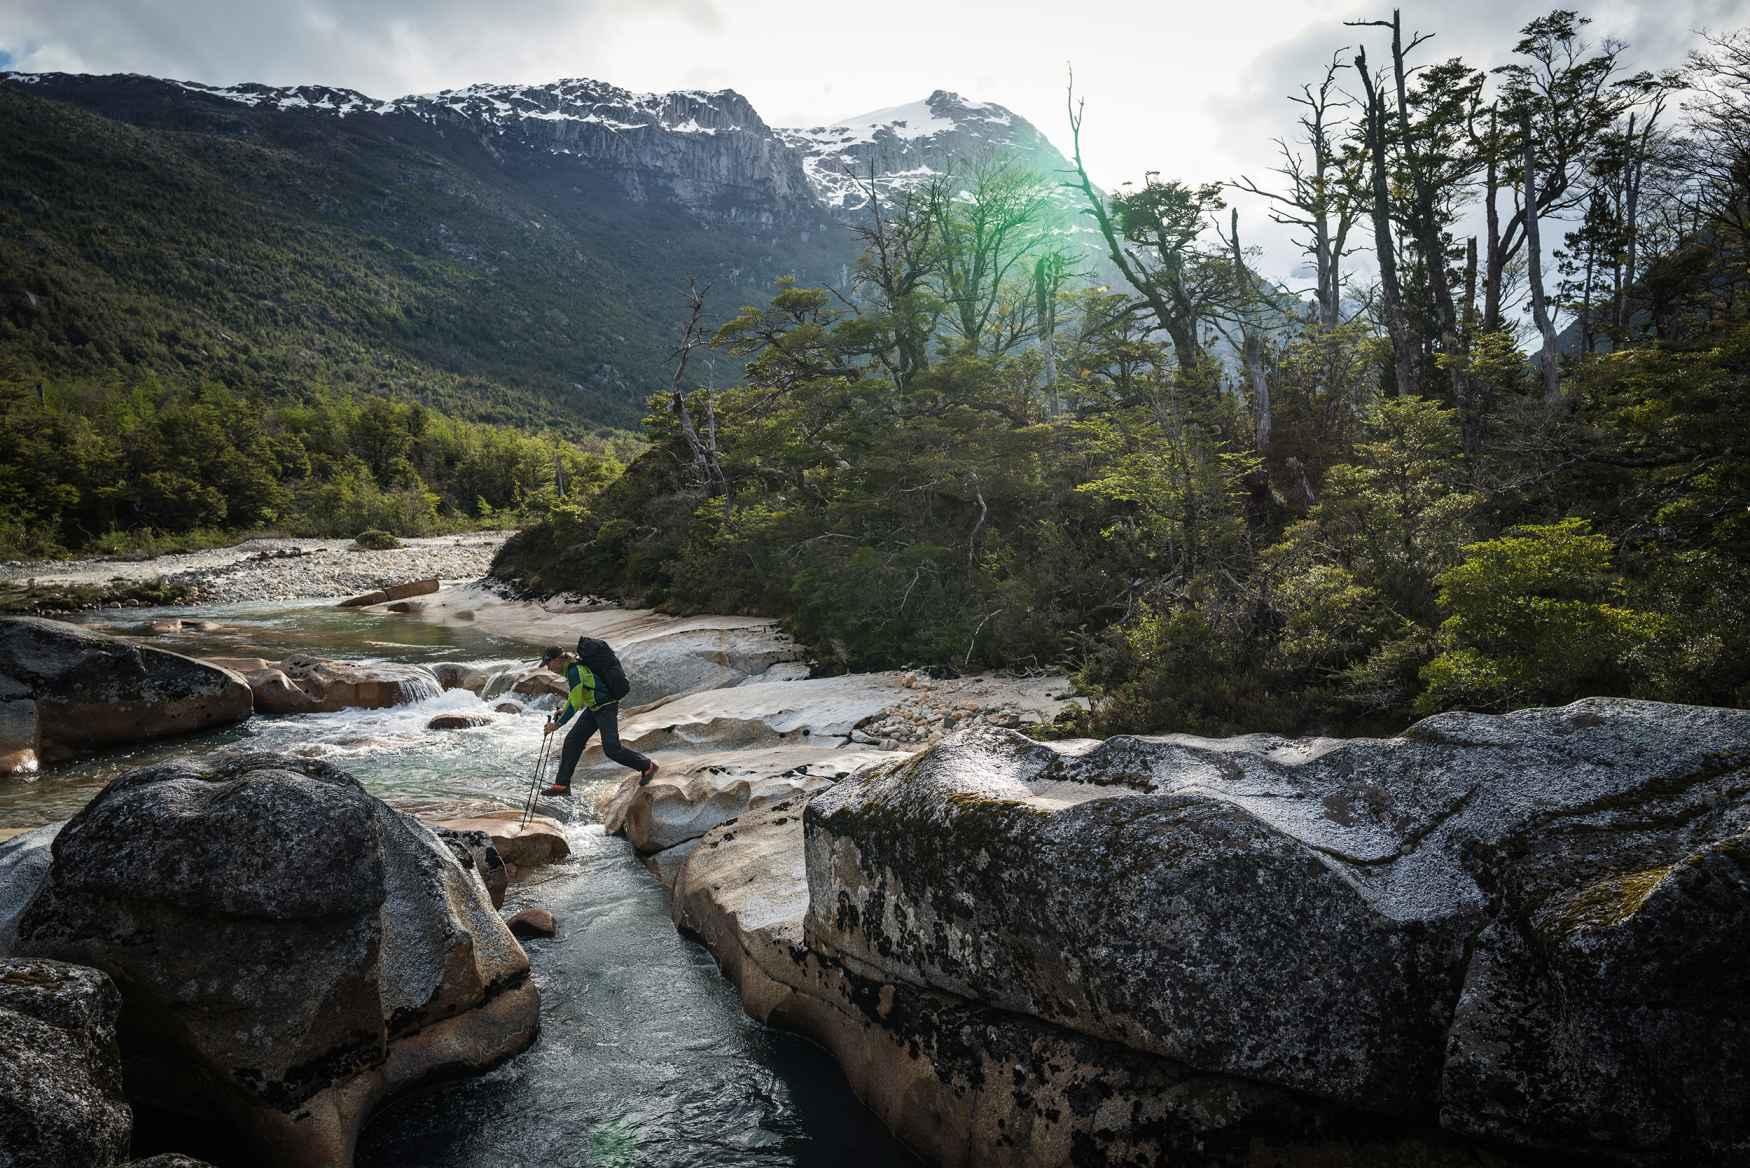 Manchmal kann man sich nicht entscheiden: Soll es heute eine leichtere Hochtour werden, eine alpine Kletterei oder doch ein anspruchsvoller Klettersteig? Mit dem CEVADALE EVO GTX kann man auch ganz spontan in das Gelände gehen, auf das  man Lust hat. Denn dieser alpine Alleskönner wird mit allem fertig - ob mit felsigen Landschaften oder luftigen Höhen. Zusätzlich bringt er für das Naturerlebnis viel Freude beim Tragen durch eine perfekte Kombination aus Qualität und Passform.